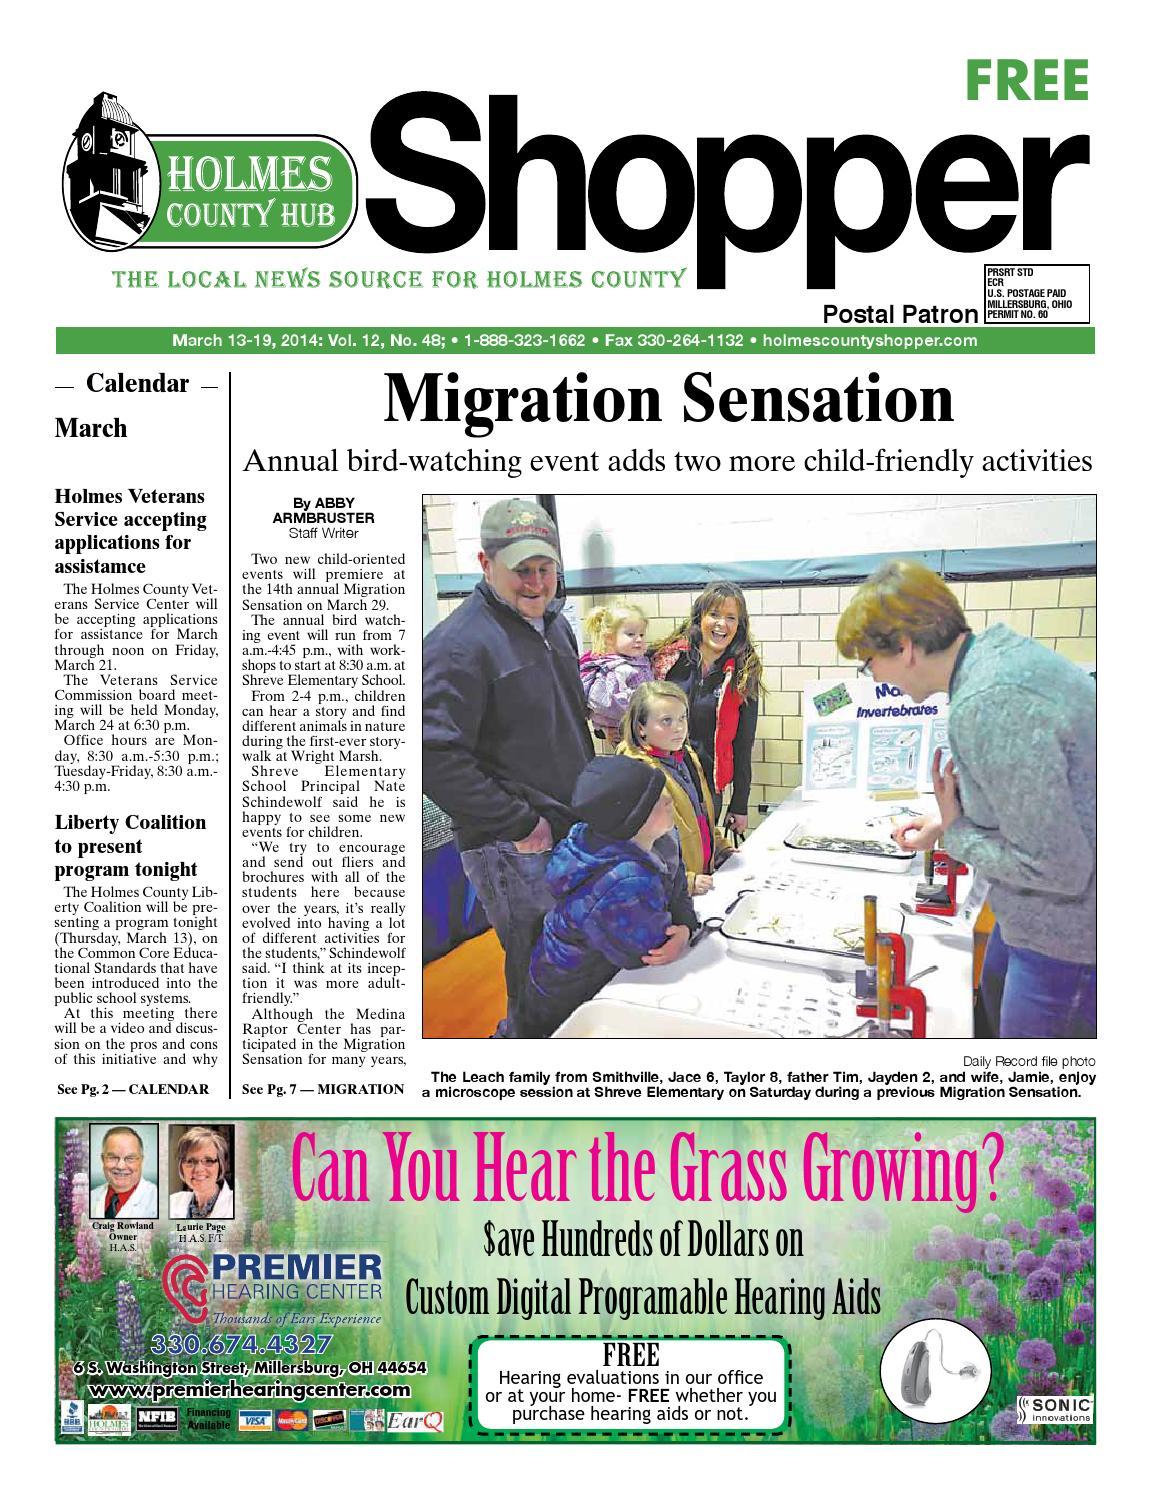 Holmes County Hub Shopper, March 13, 2014 by GateHouse Media